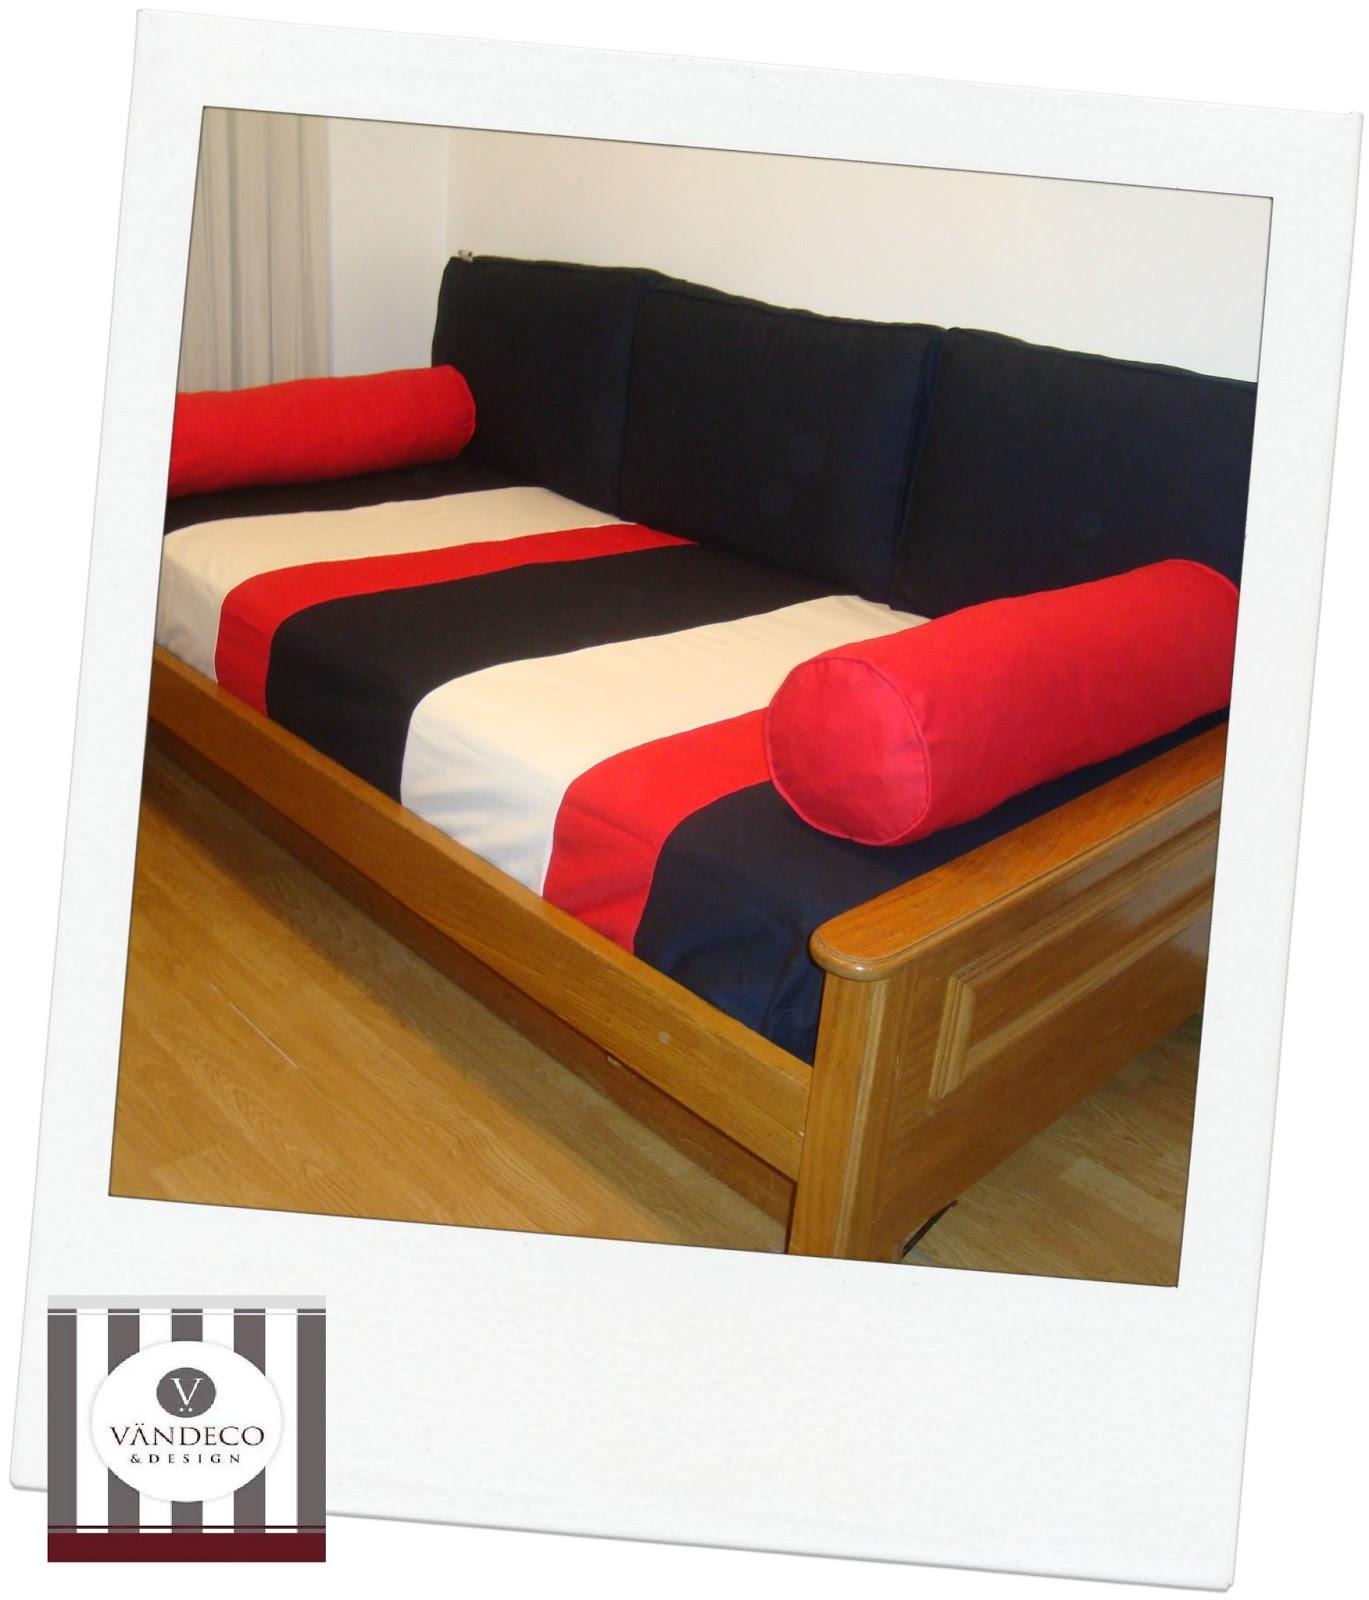 V ndeco design mas ideas de kits para convertir una cama en un sill n - Cuanto puede costar tapizar un sofa ...